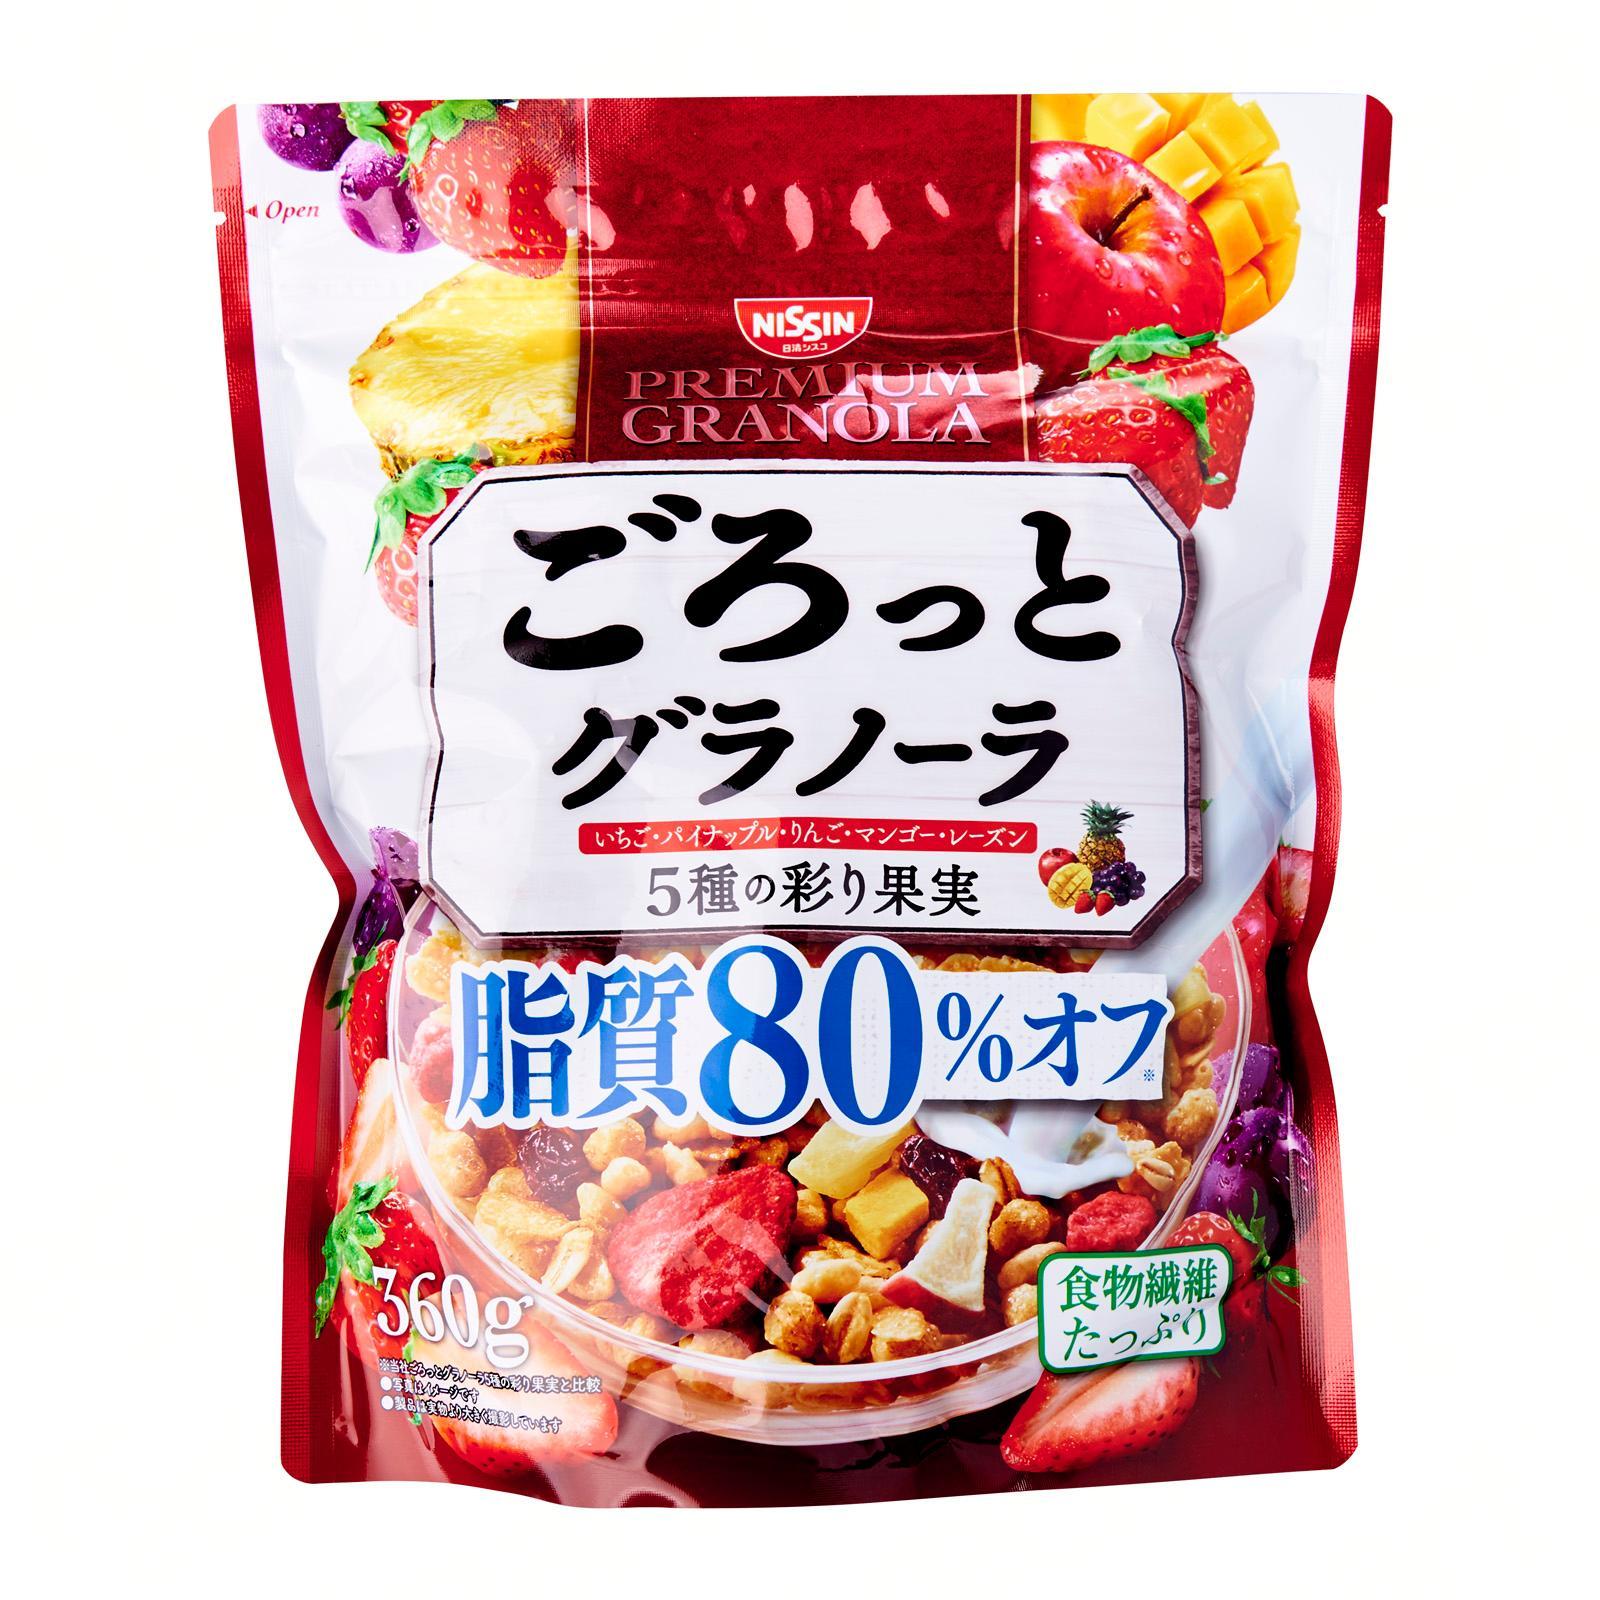 Nissin Gorotto Fats 80 Percent Off Fruits Granola